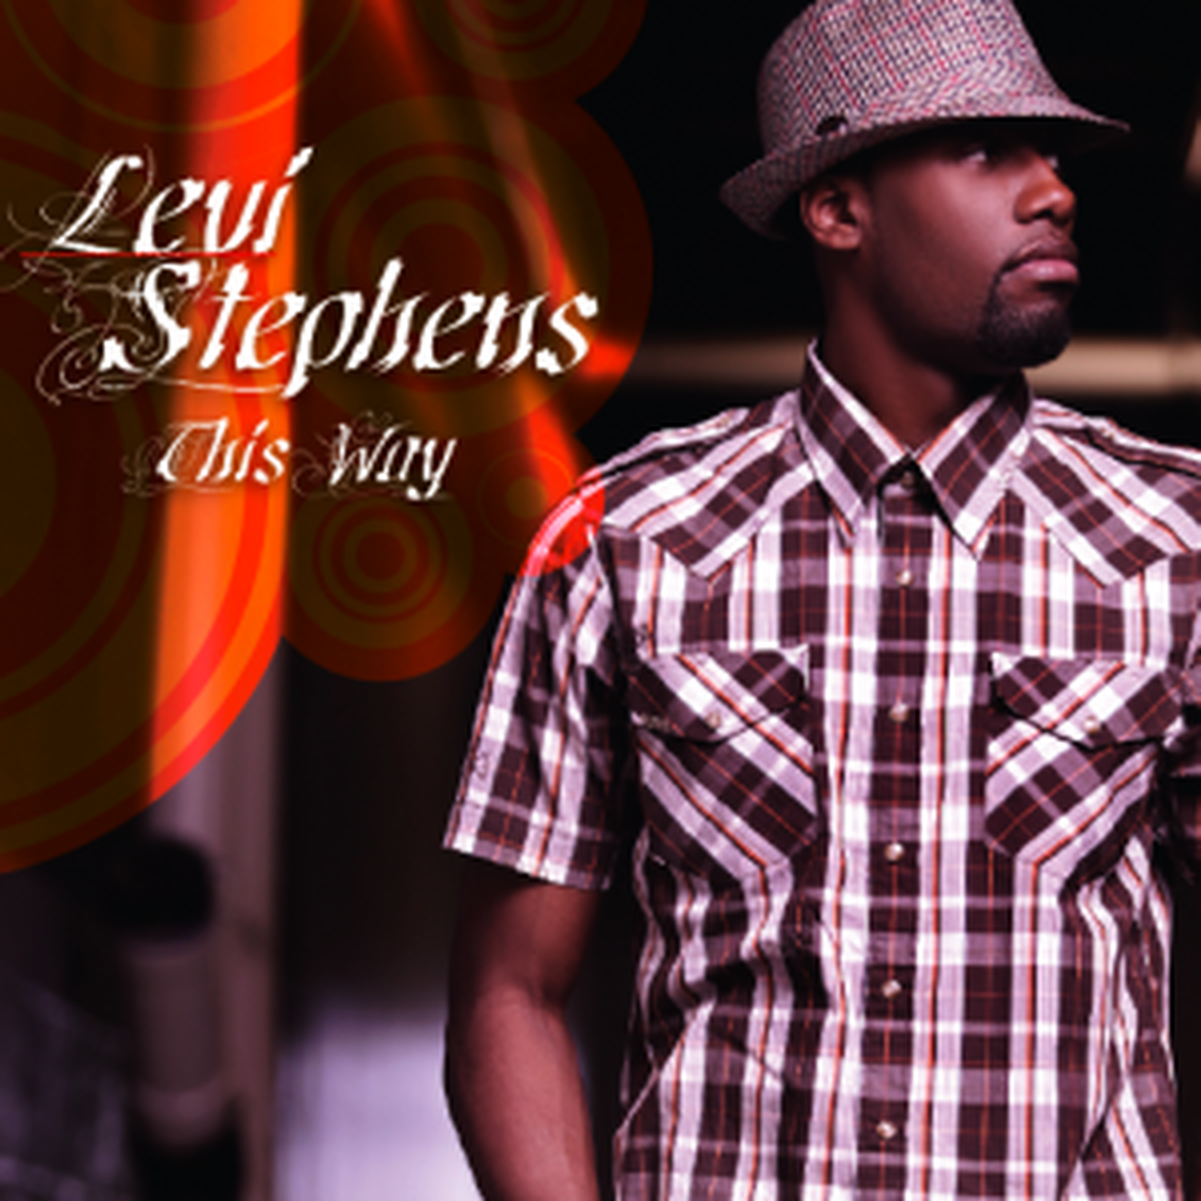 Levi Stephens